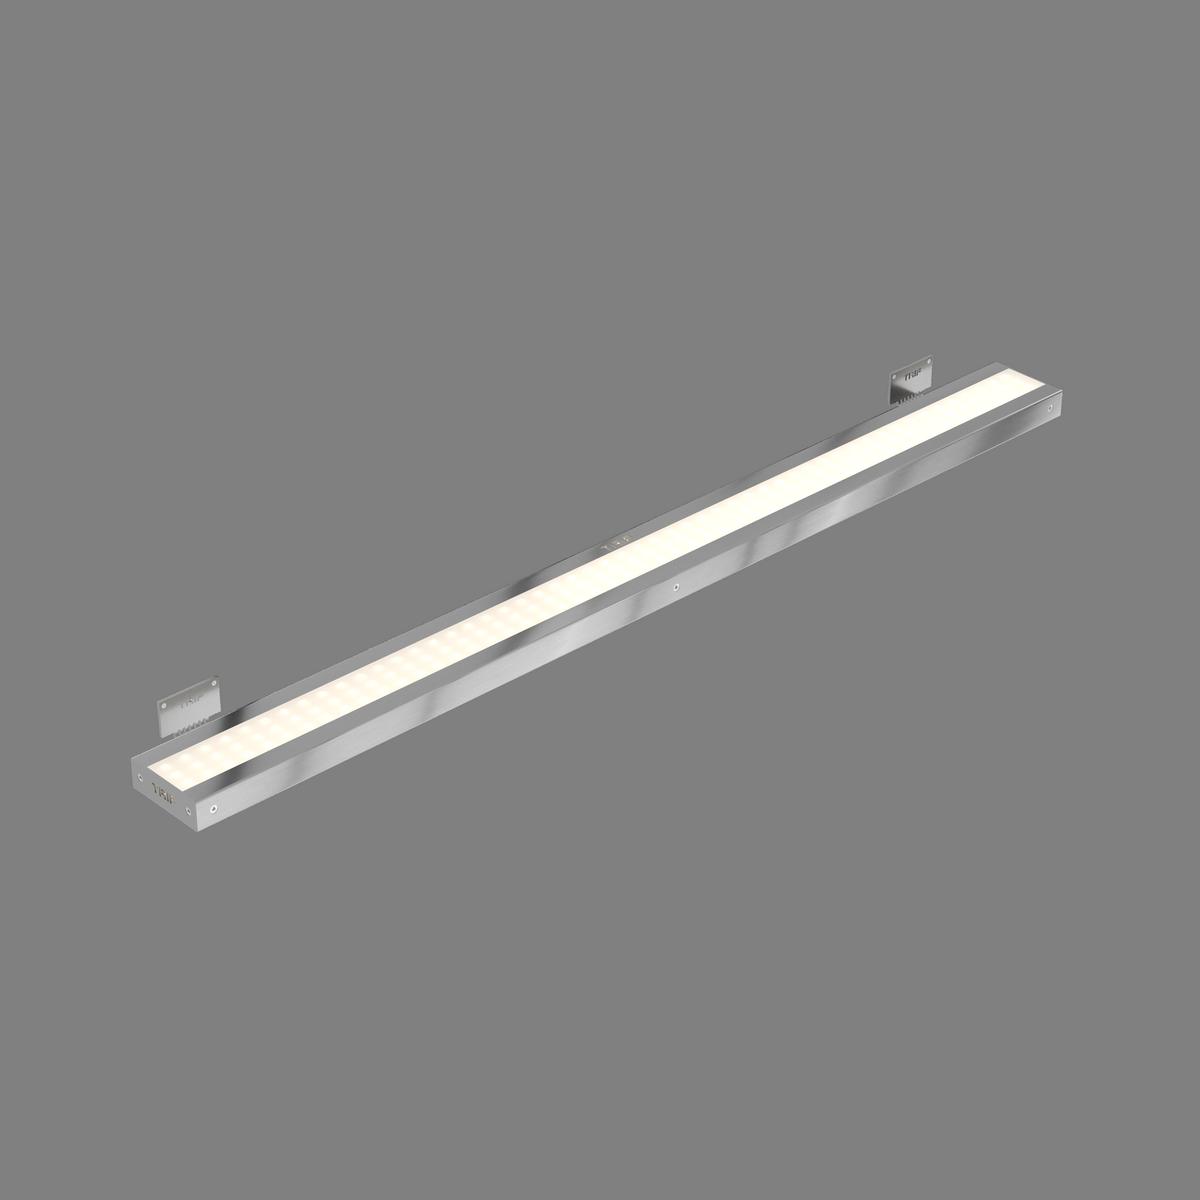 IP68-Compliant Facade Luminaires LANE FACADE BASE